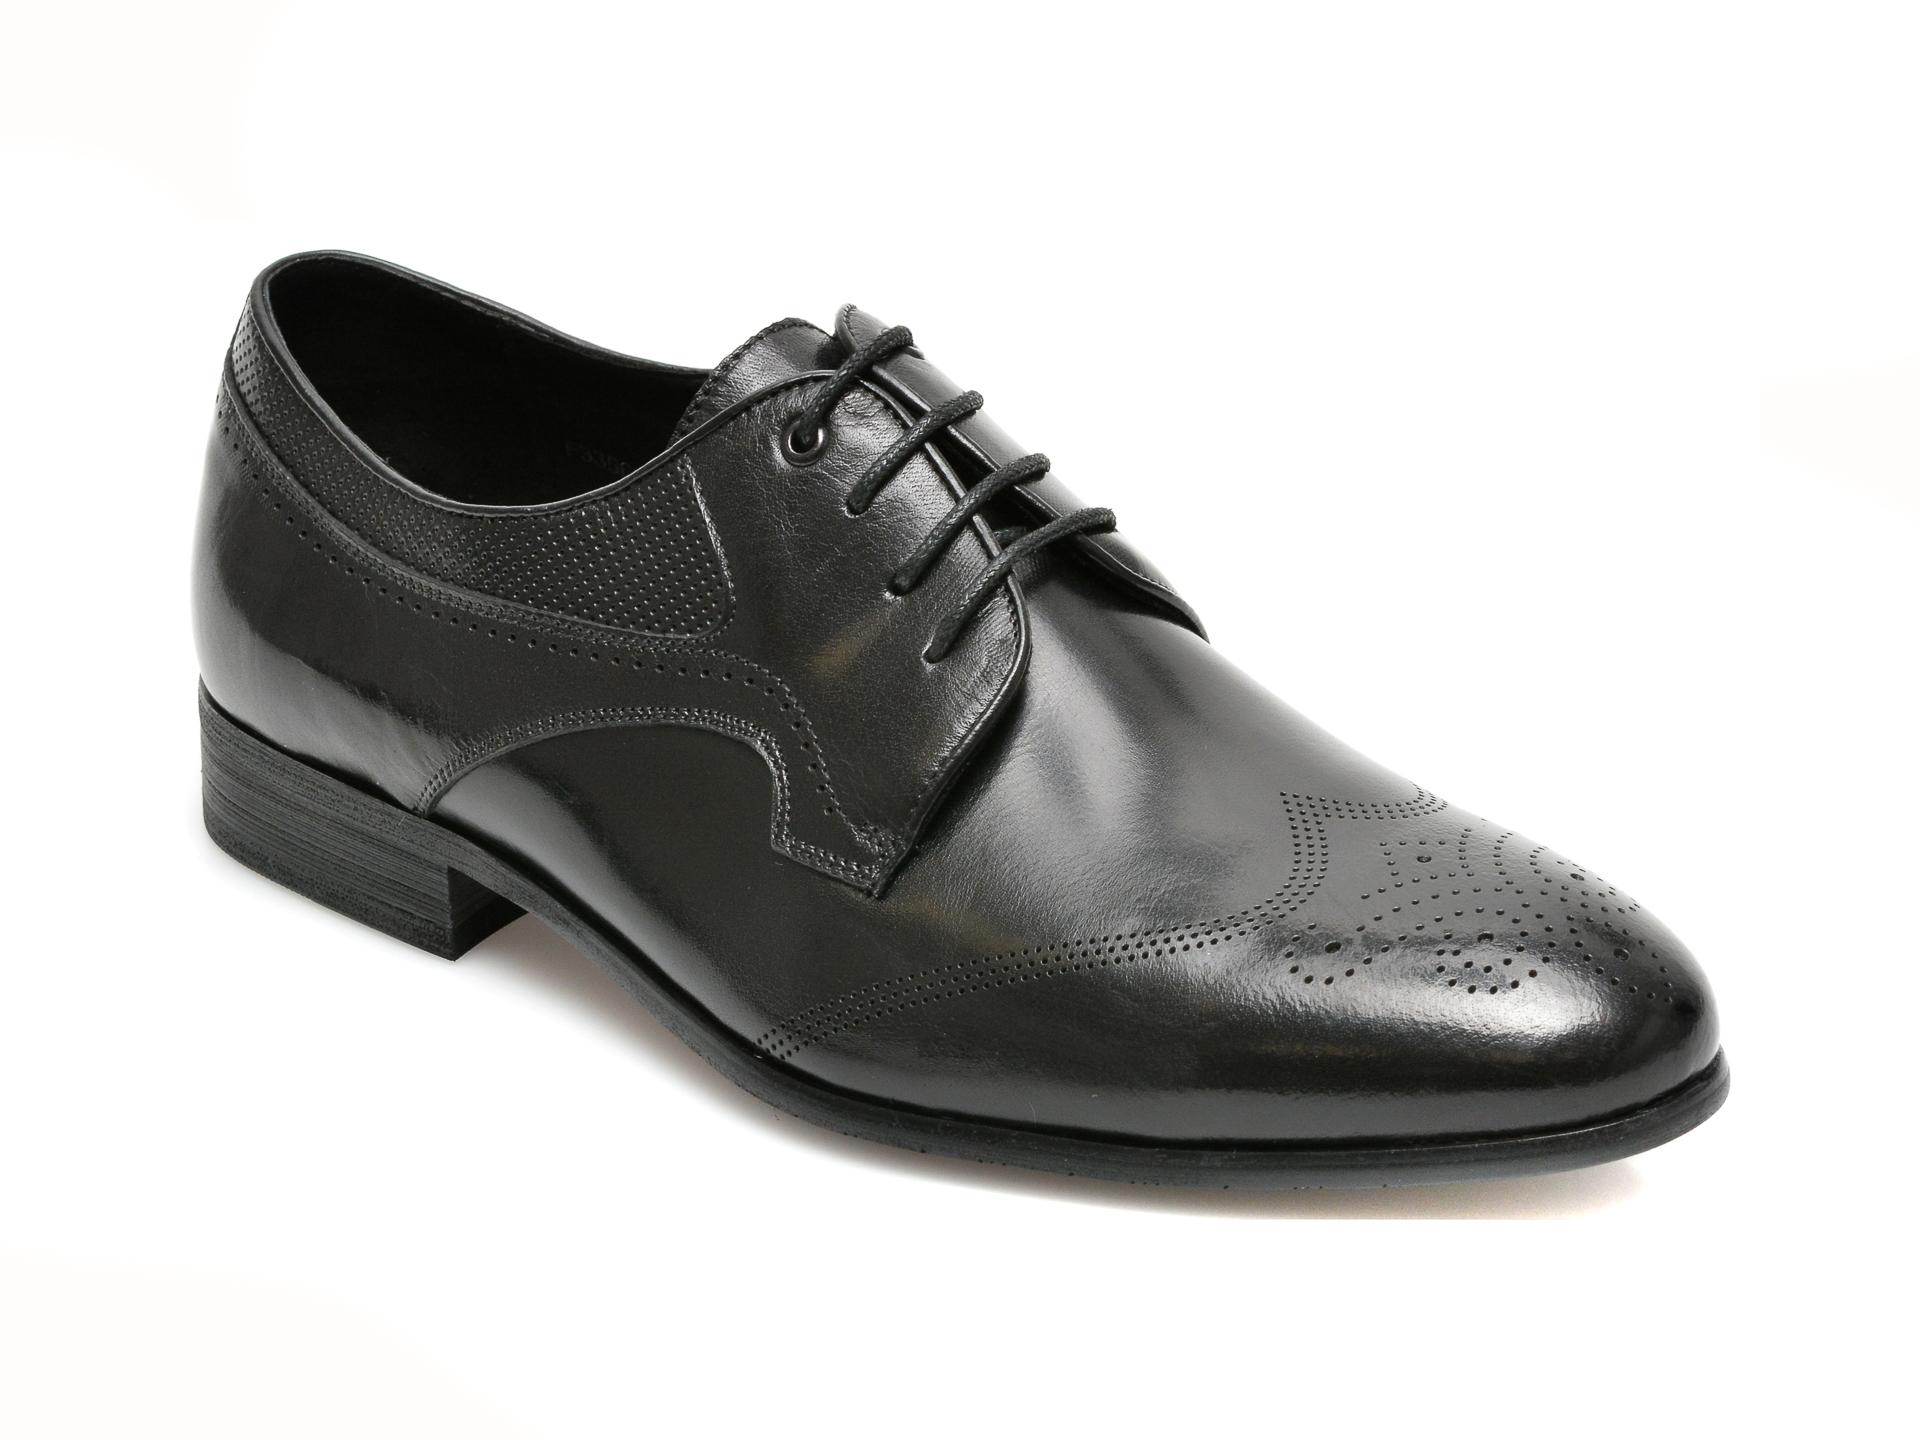 Pantofi CARIBU negri, F335655, din piele naturala